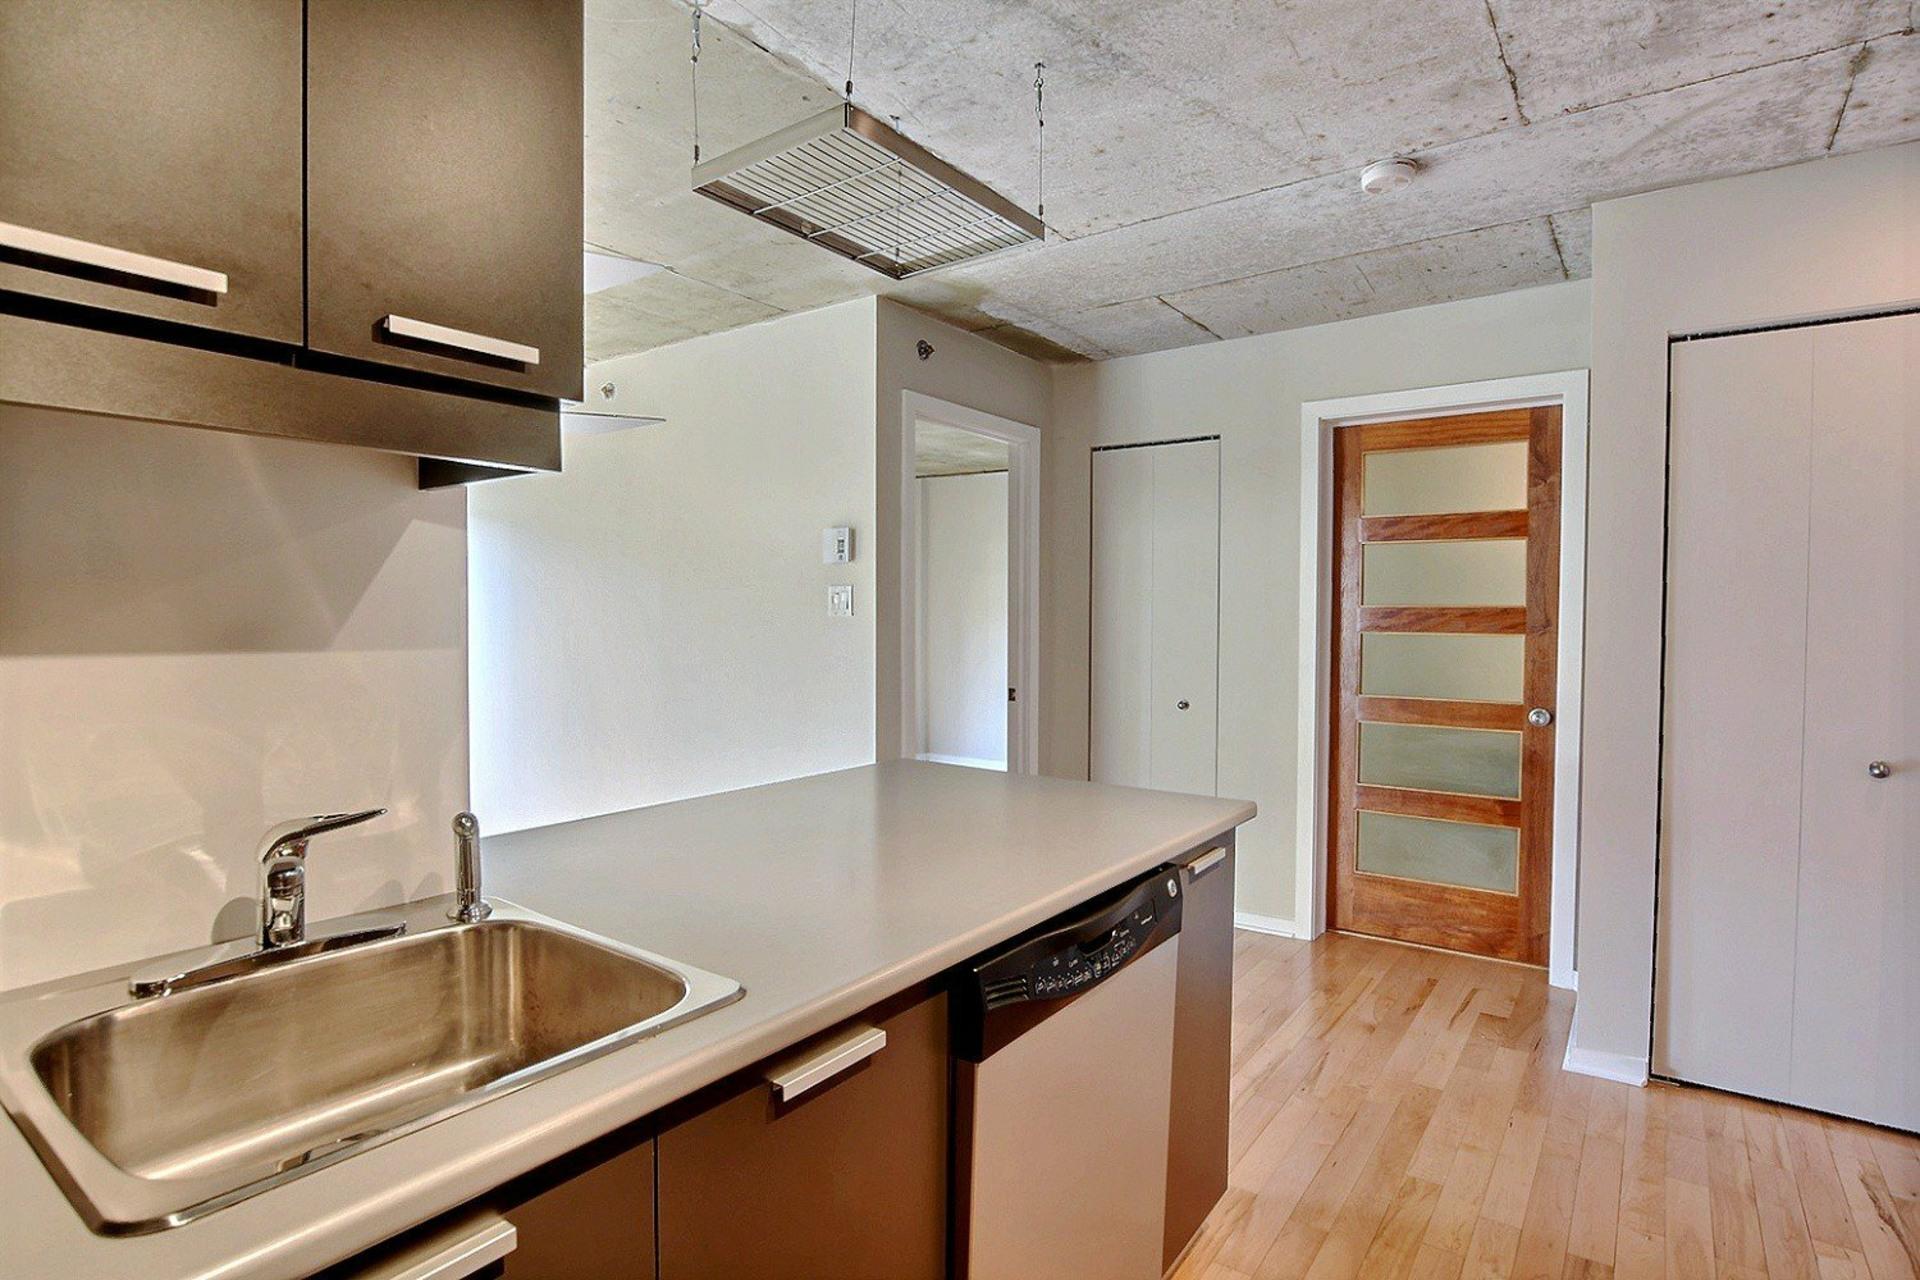 image 7 - Appartement À louer Ville-Marie Montréal  - 6 pièces